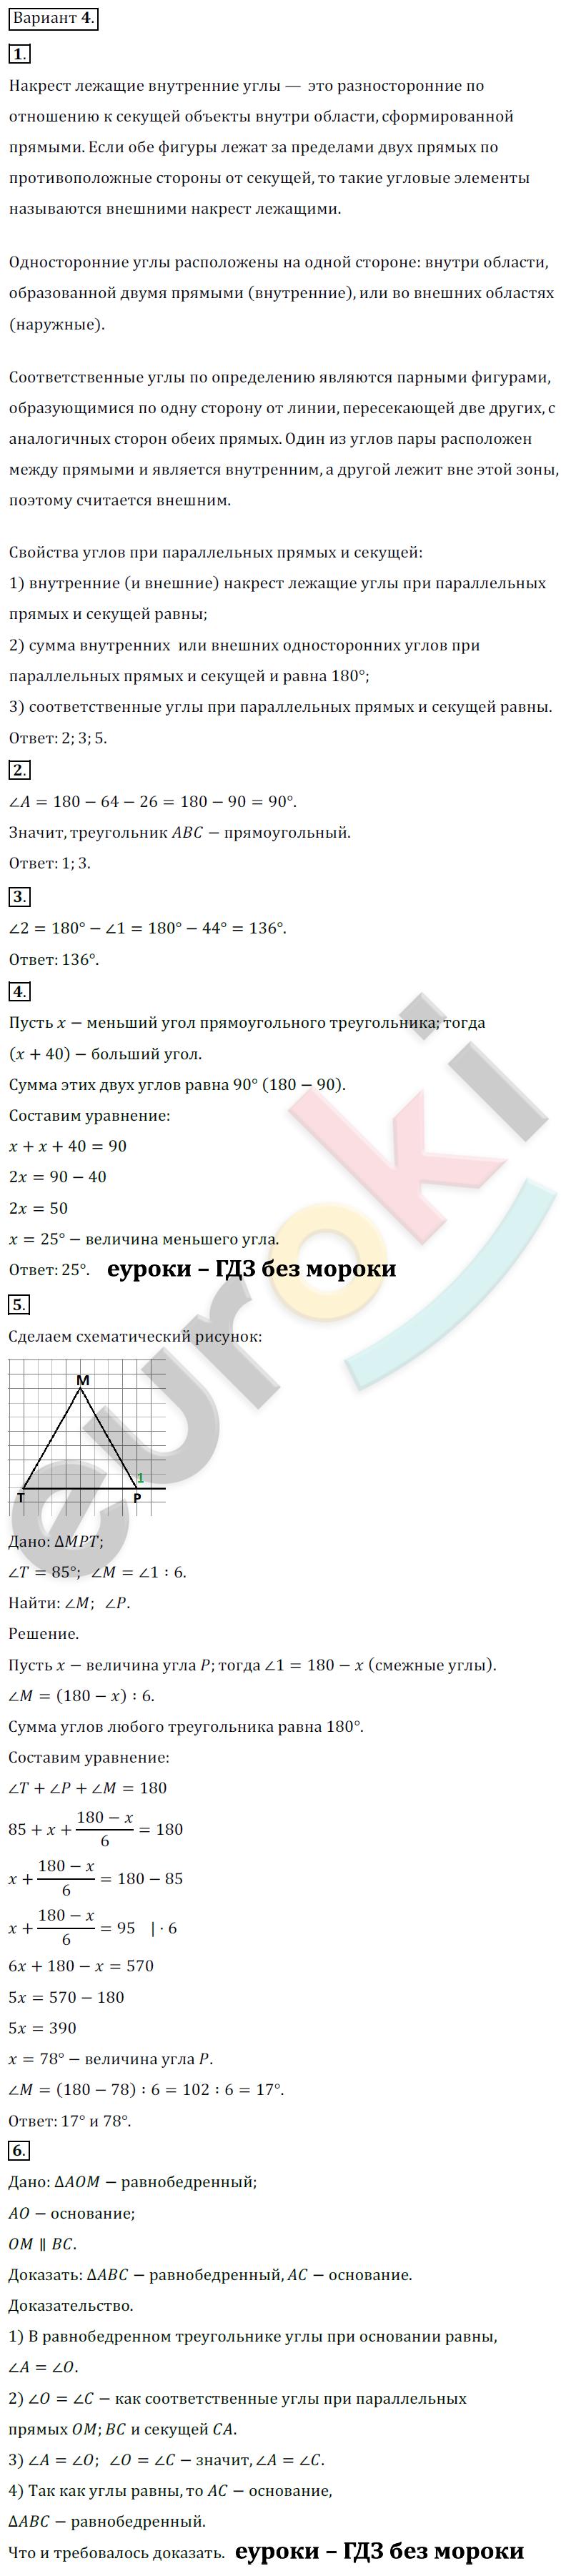 ГДЗ по геометрии 7 класс контрольные работы Мельникова, Погорелов Экзамен ответы и решения онлайн КР-4. Сумма углов треугольника. Параллельные прямые. Задание: Вариант 4